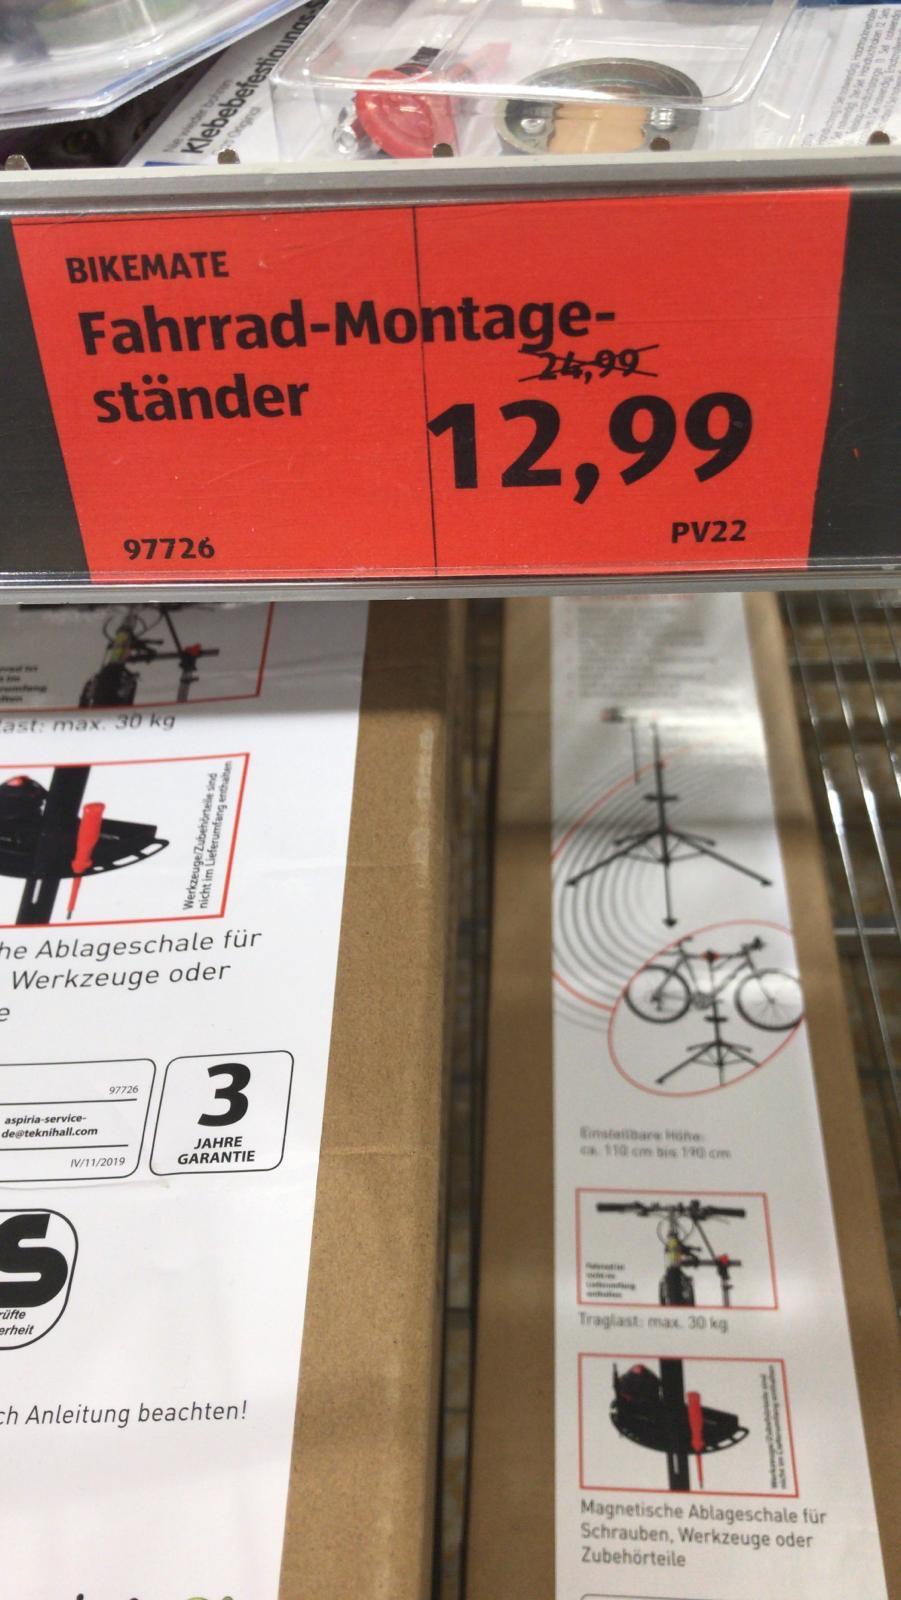 [Lokal: Aldi Süd Hilden] bikemate Fahrrad-/Montageständer